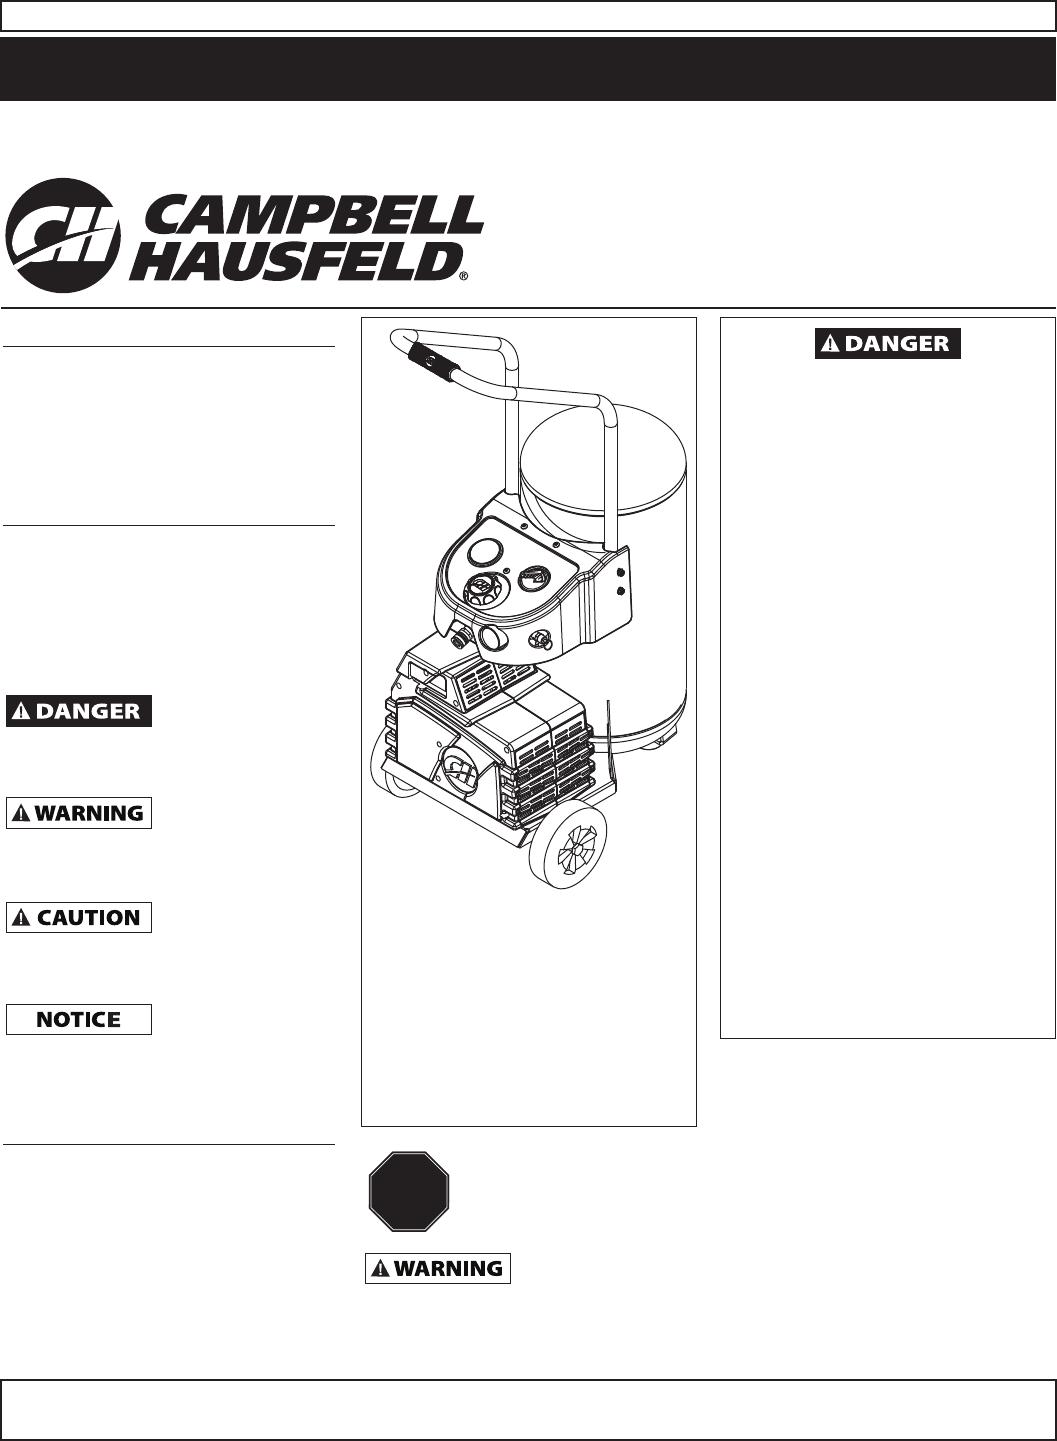 campbell hausfeld air compressor hg3000 series user guide